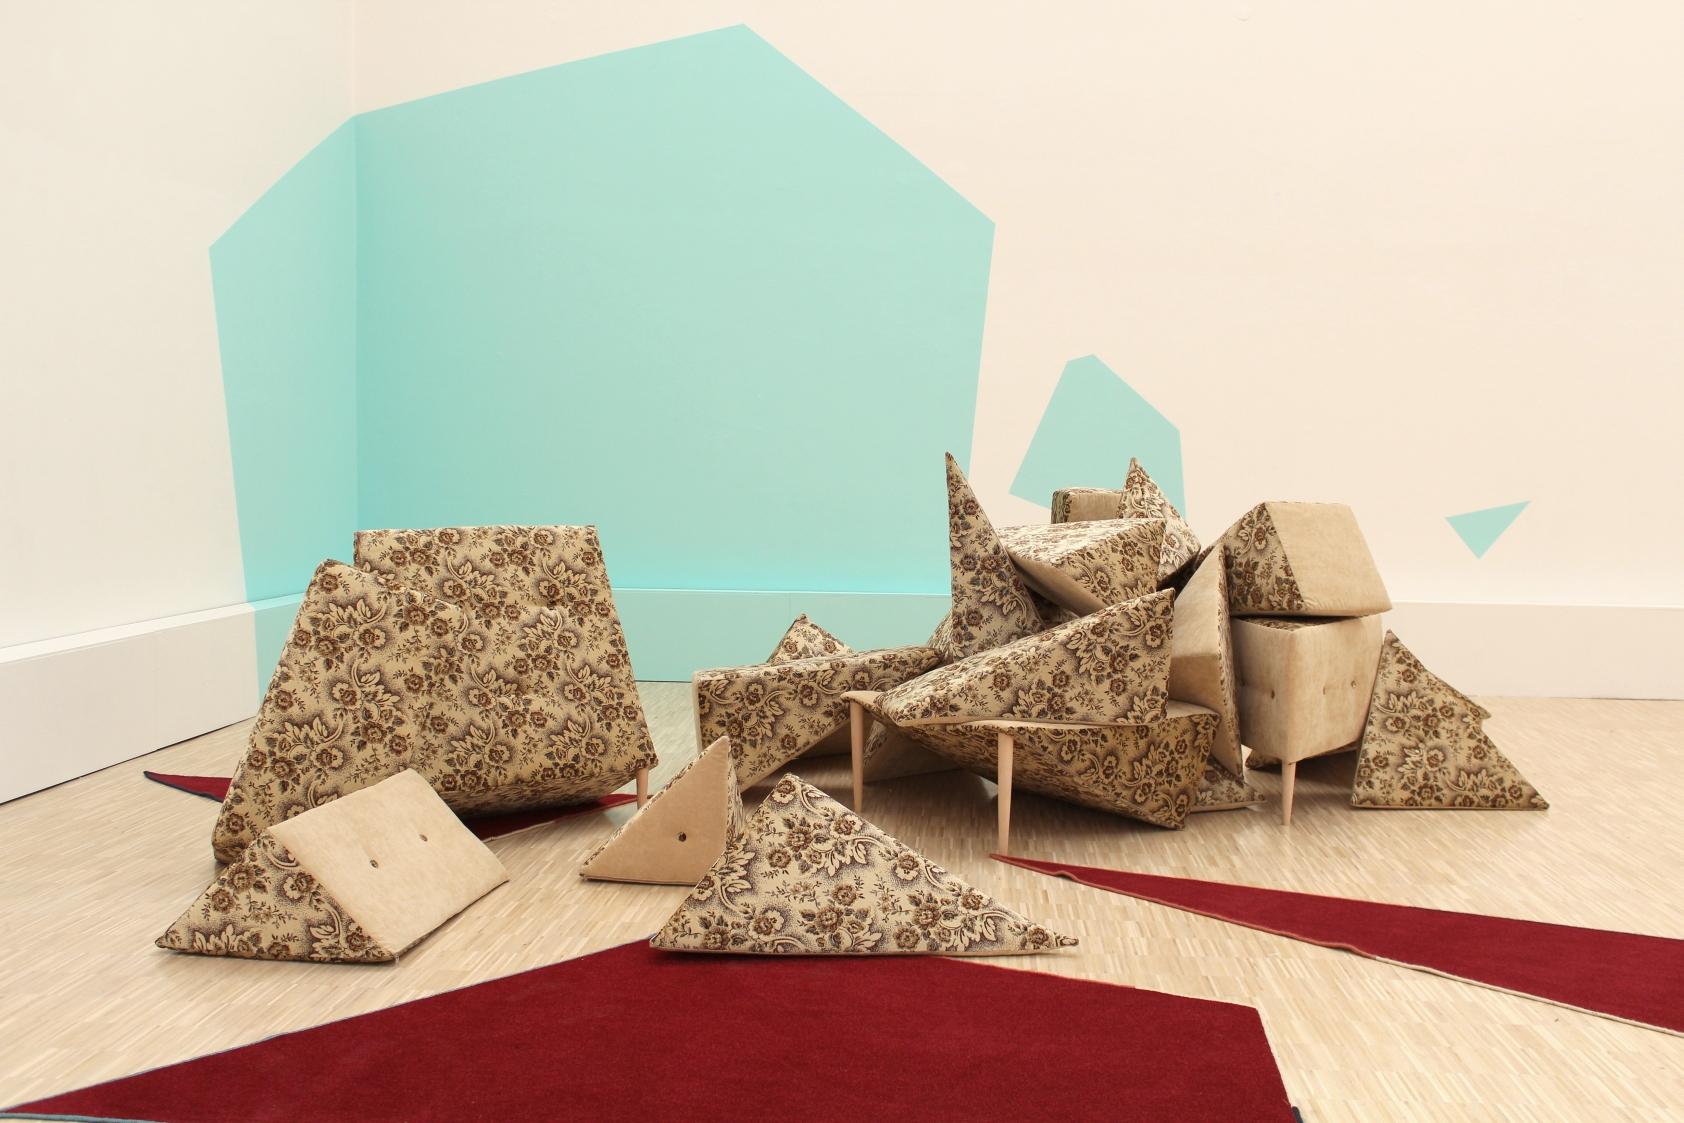 25. Małgorzata Szymankiewicz, Komfortowa sytuacja, instalacja przestrzenna, tapicerka, gąbka, drewno, dywan, farba akrylowa, 2011_wystawa poręczne